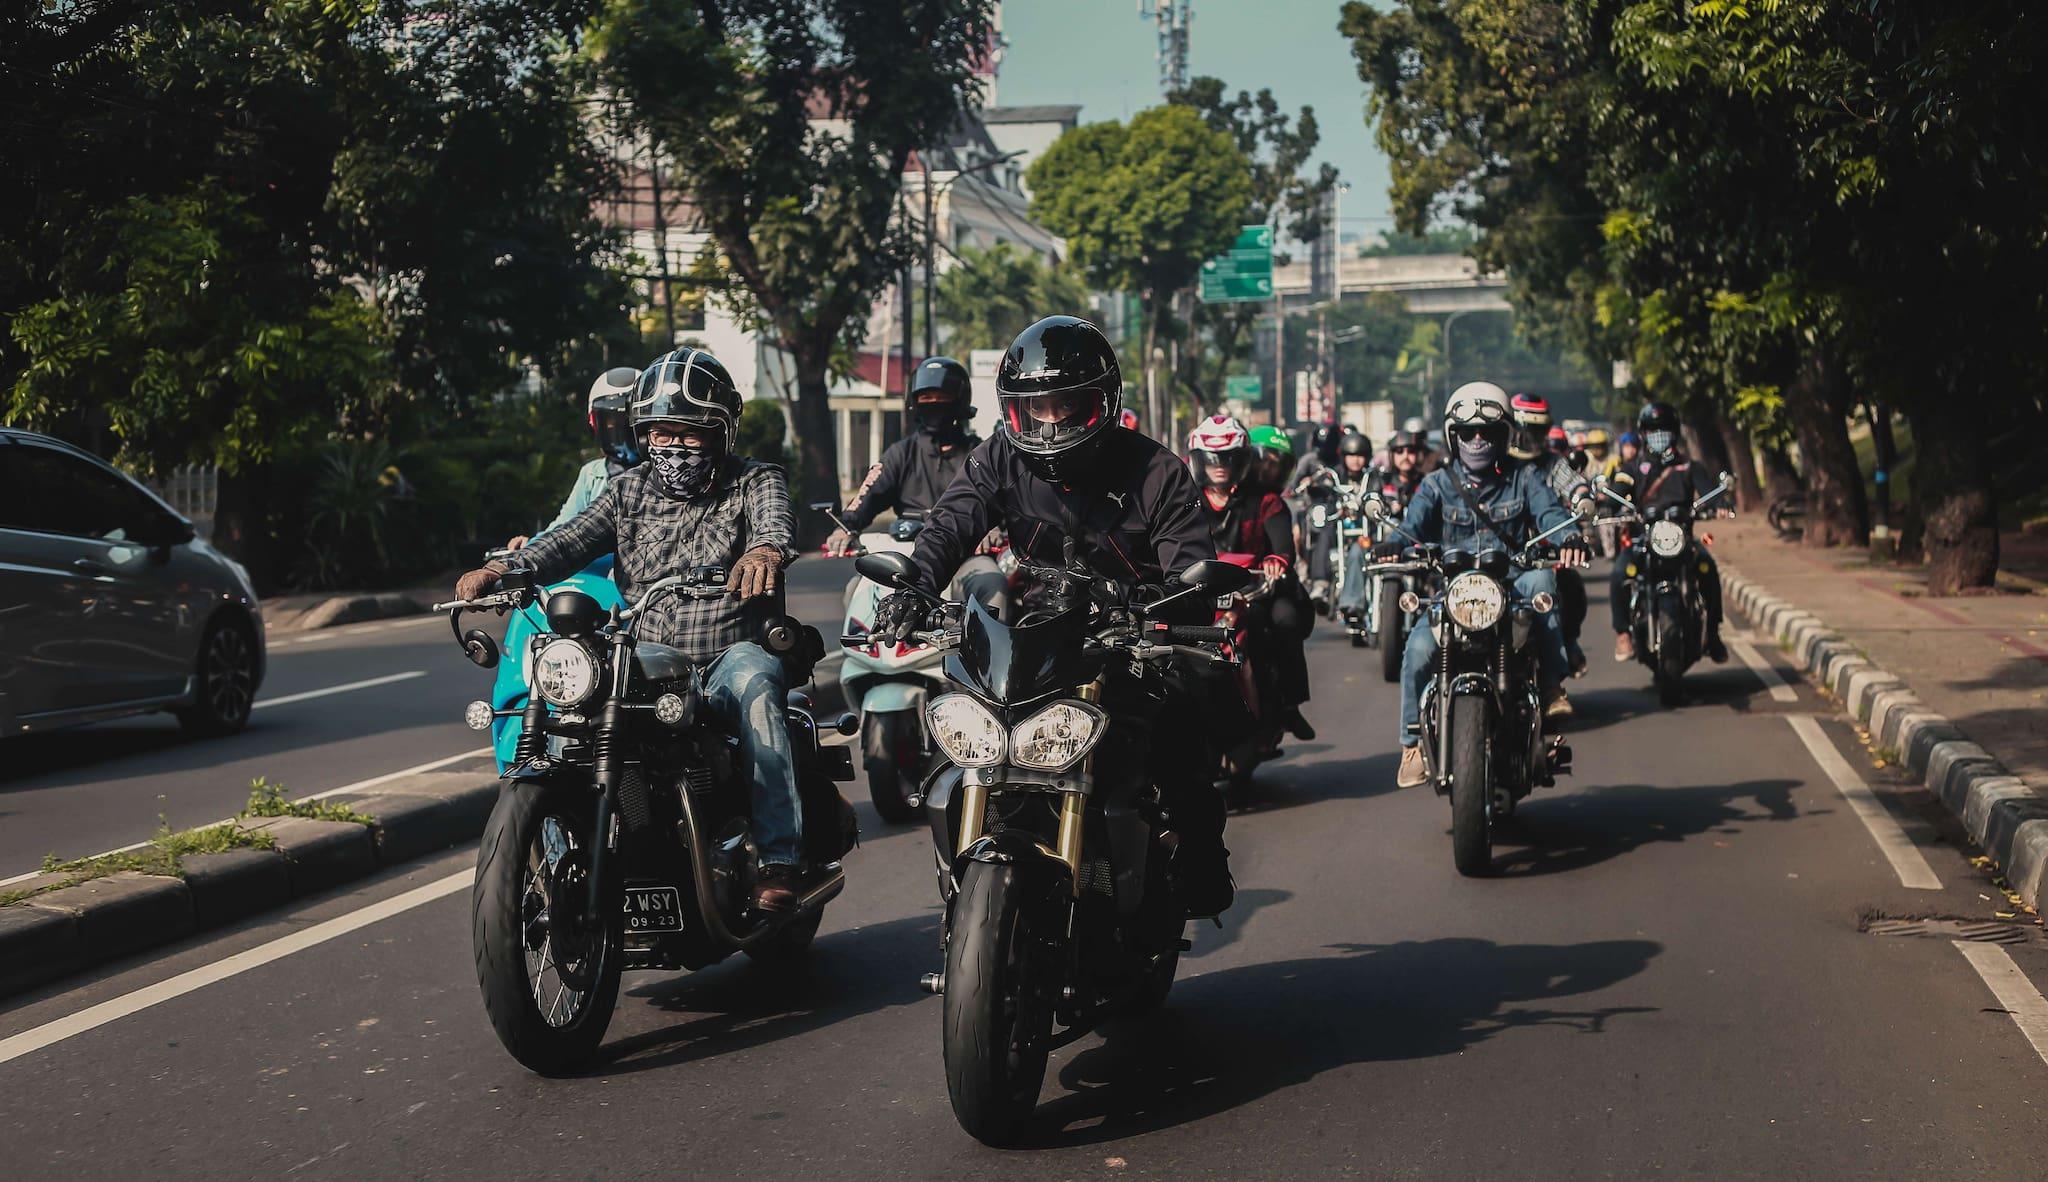 Galeri Foto: Motovaganza Sunmori to Telkomsel IIMS 2019